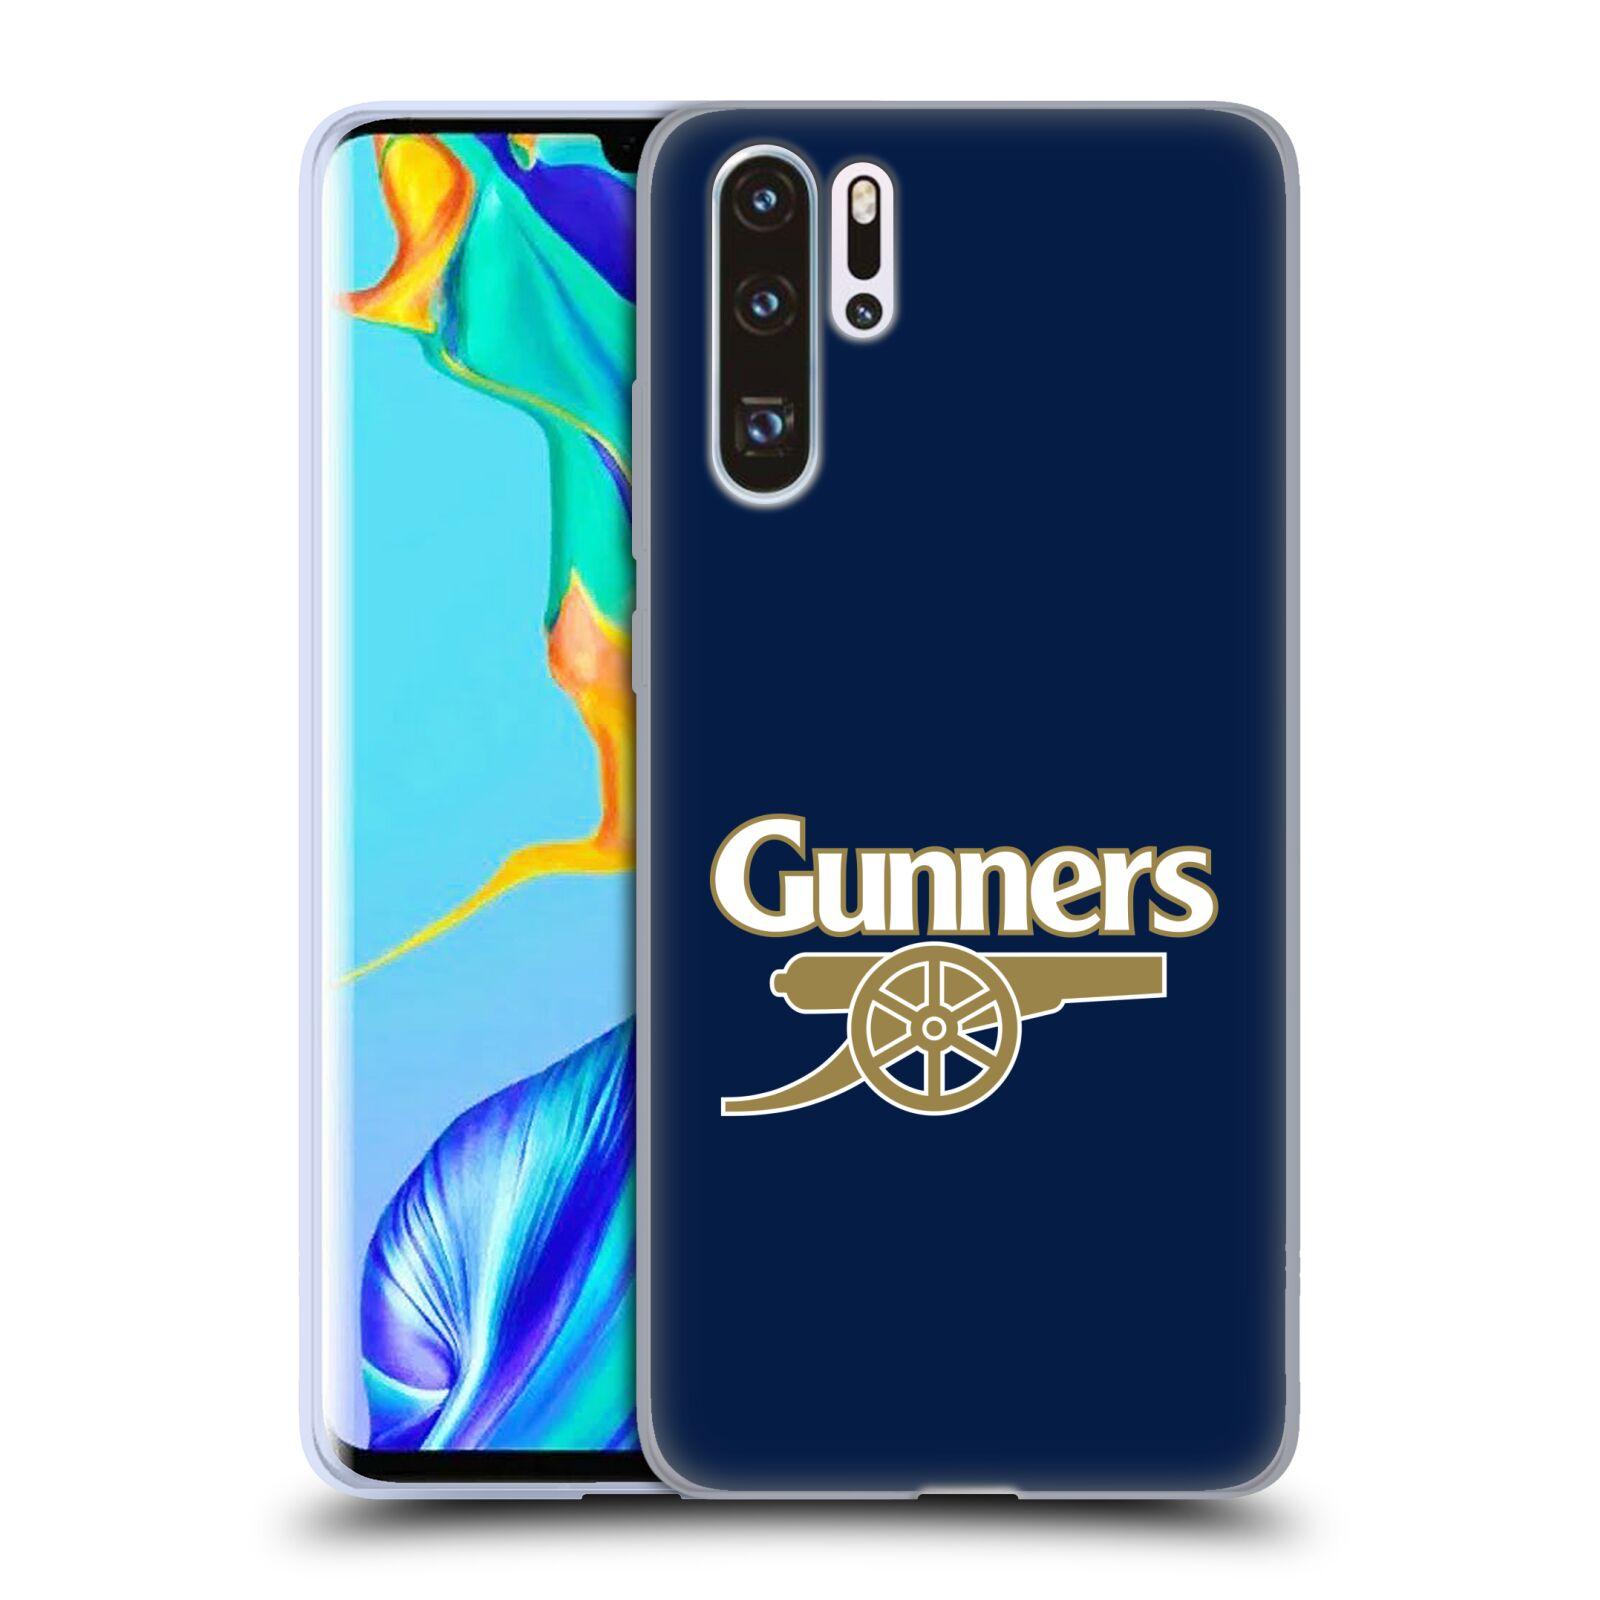 Silikonové pouzdro na mobil Huawei P30 Pro - Head Case - Arsenal FC - Gunners